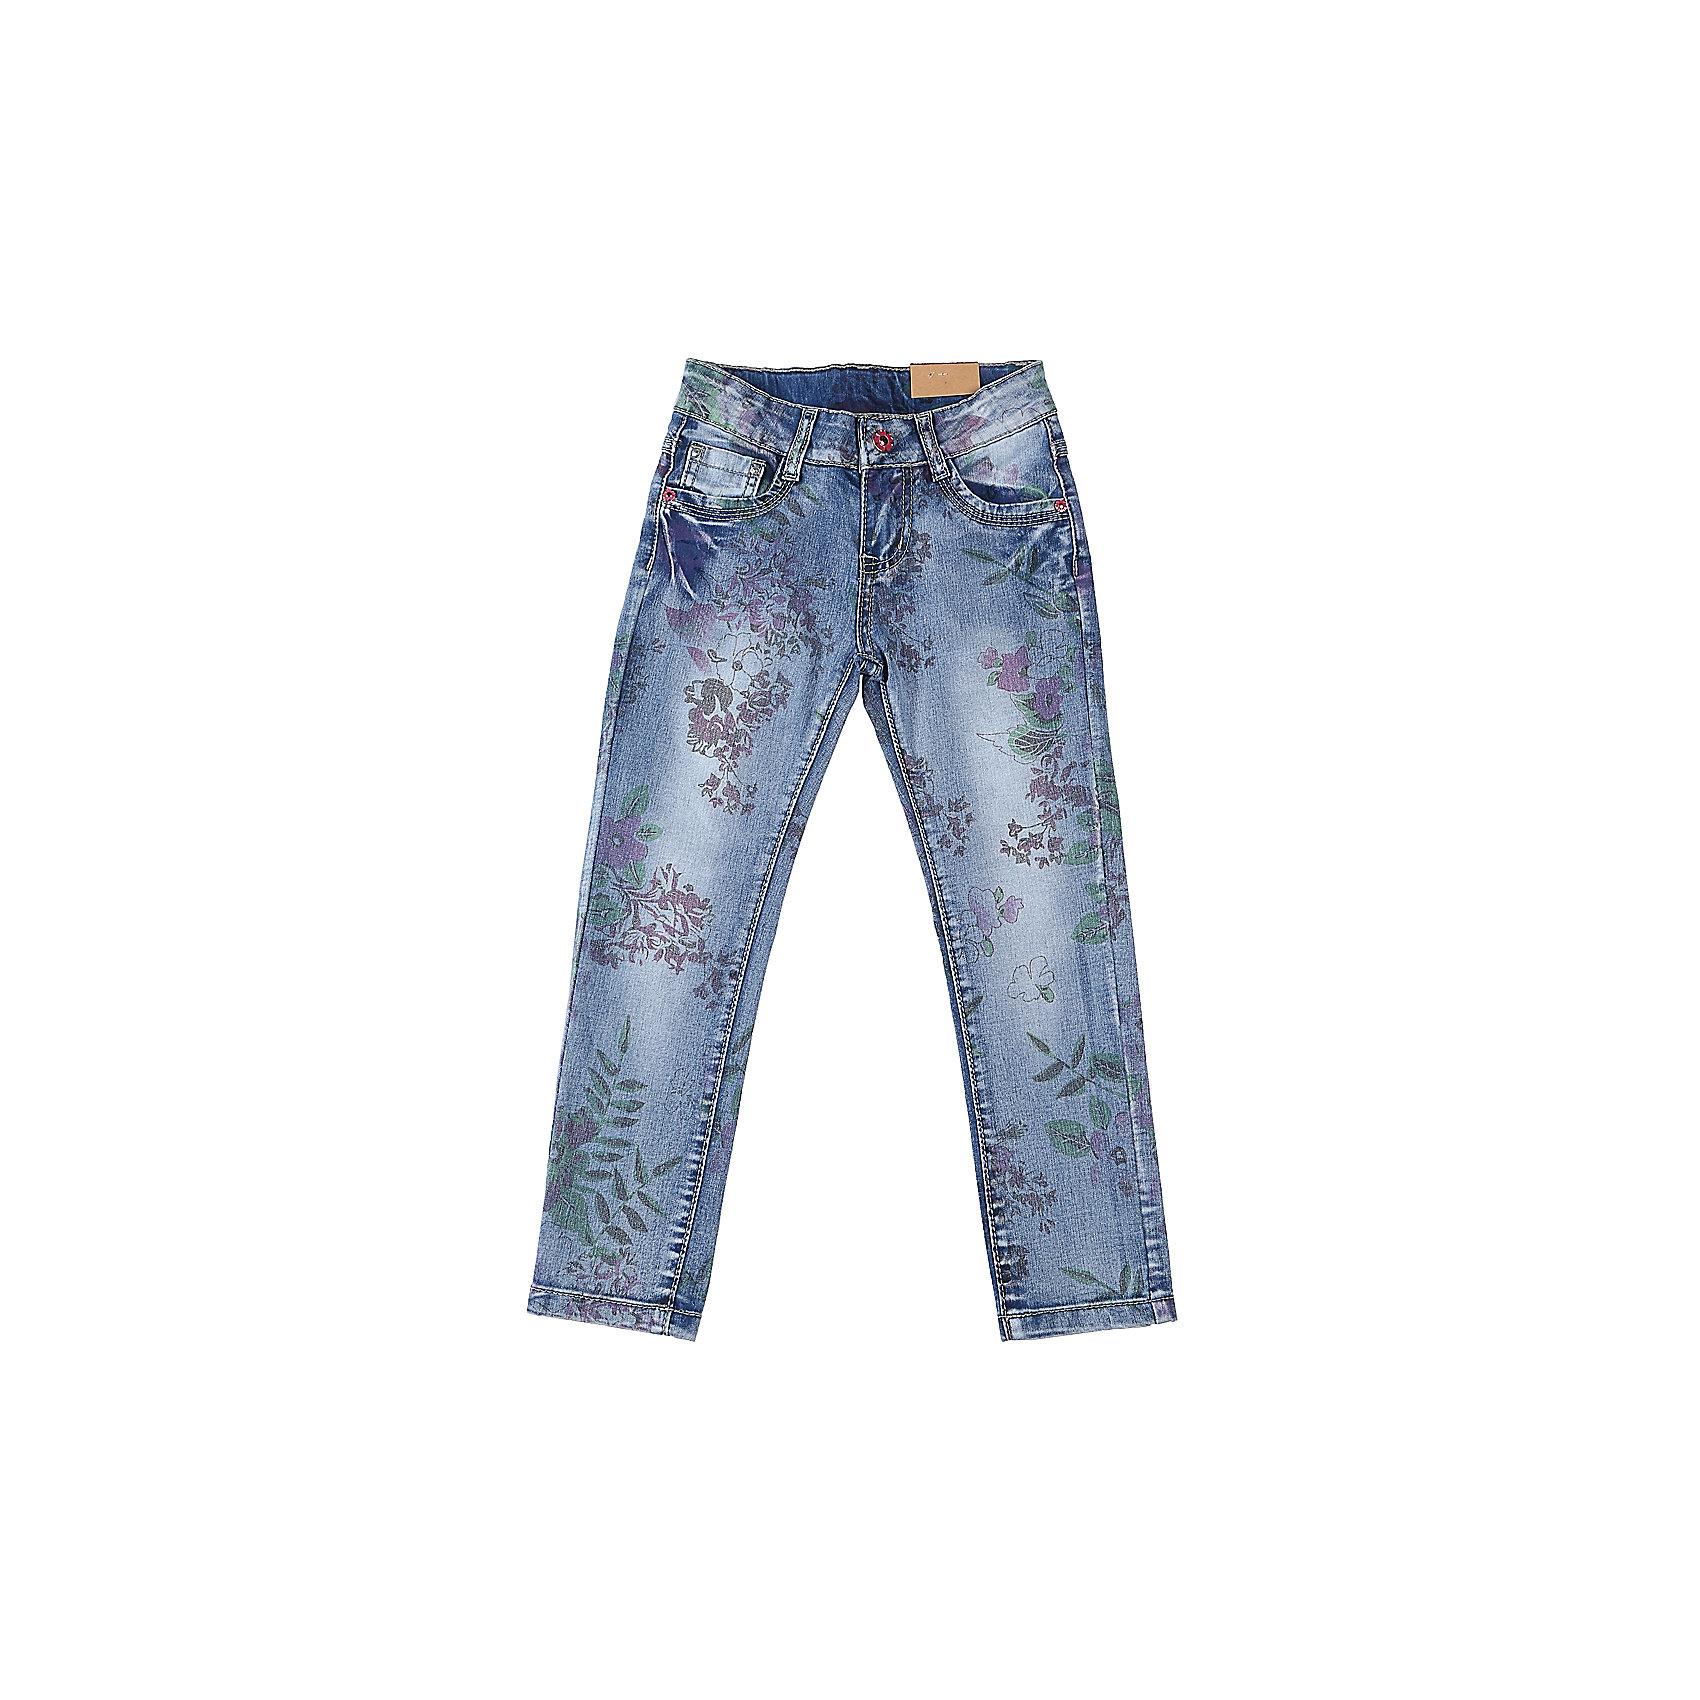 Джинсы для девочки Sweet BerryДжинсовая одежда<br>Джинсы  для девочки с оригинальной варкой и цветочным принтом. Имеют зауженный крой, среднюю посадку. Застегиваются на молнию и пуговицу. Шлевки на поясе рассчитаны под ремень. В боковой части пояса находятся вшитые эластичные ленты, регулирующие посадку по талии.<br>Состав:<br>98%хлопок 2%эластан<br><br>Ширина мм: 215<br>Глубина мм: 88<br>Высота мм: 191<br>Вес г: 336<br>Цвет: синий<br>Возраст от месяцев: 36<br>Возраст до месяцев: 48<br>Пол: Женский<br>Возраст: Детский<br>Размер: 104,98,110,116,122,128<br>SKU: 5412464